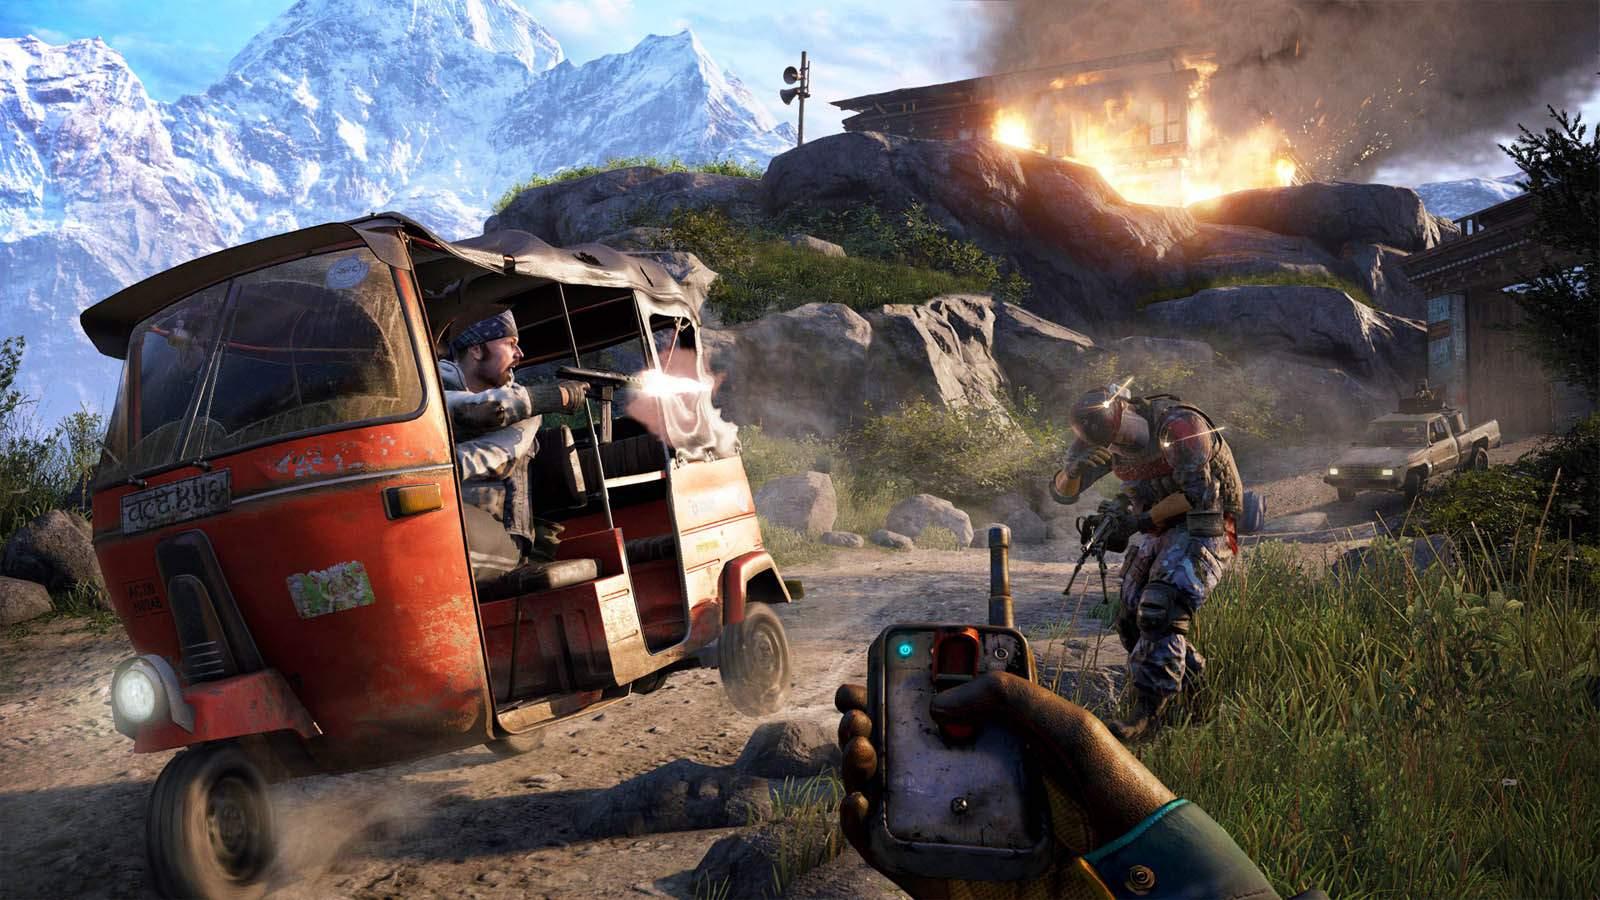 تحميل لعبة الاكشن والاثارة الممتعة Far Cry 4 النسخة الكاملة مضغوطة برابط واحد سريع جدا Far%2BCry%2B4%2BFull%2BPC%2BGame%2BDownload%2BDirect%2BLink